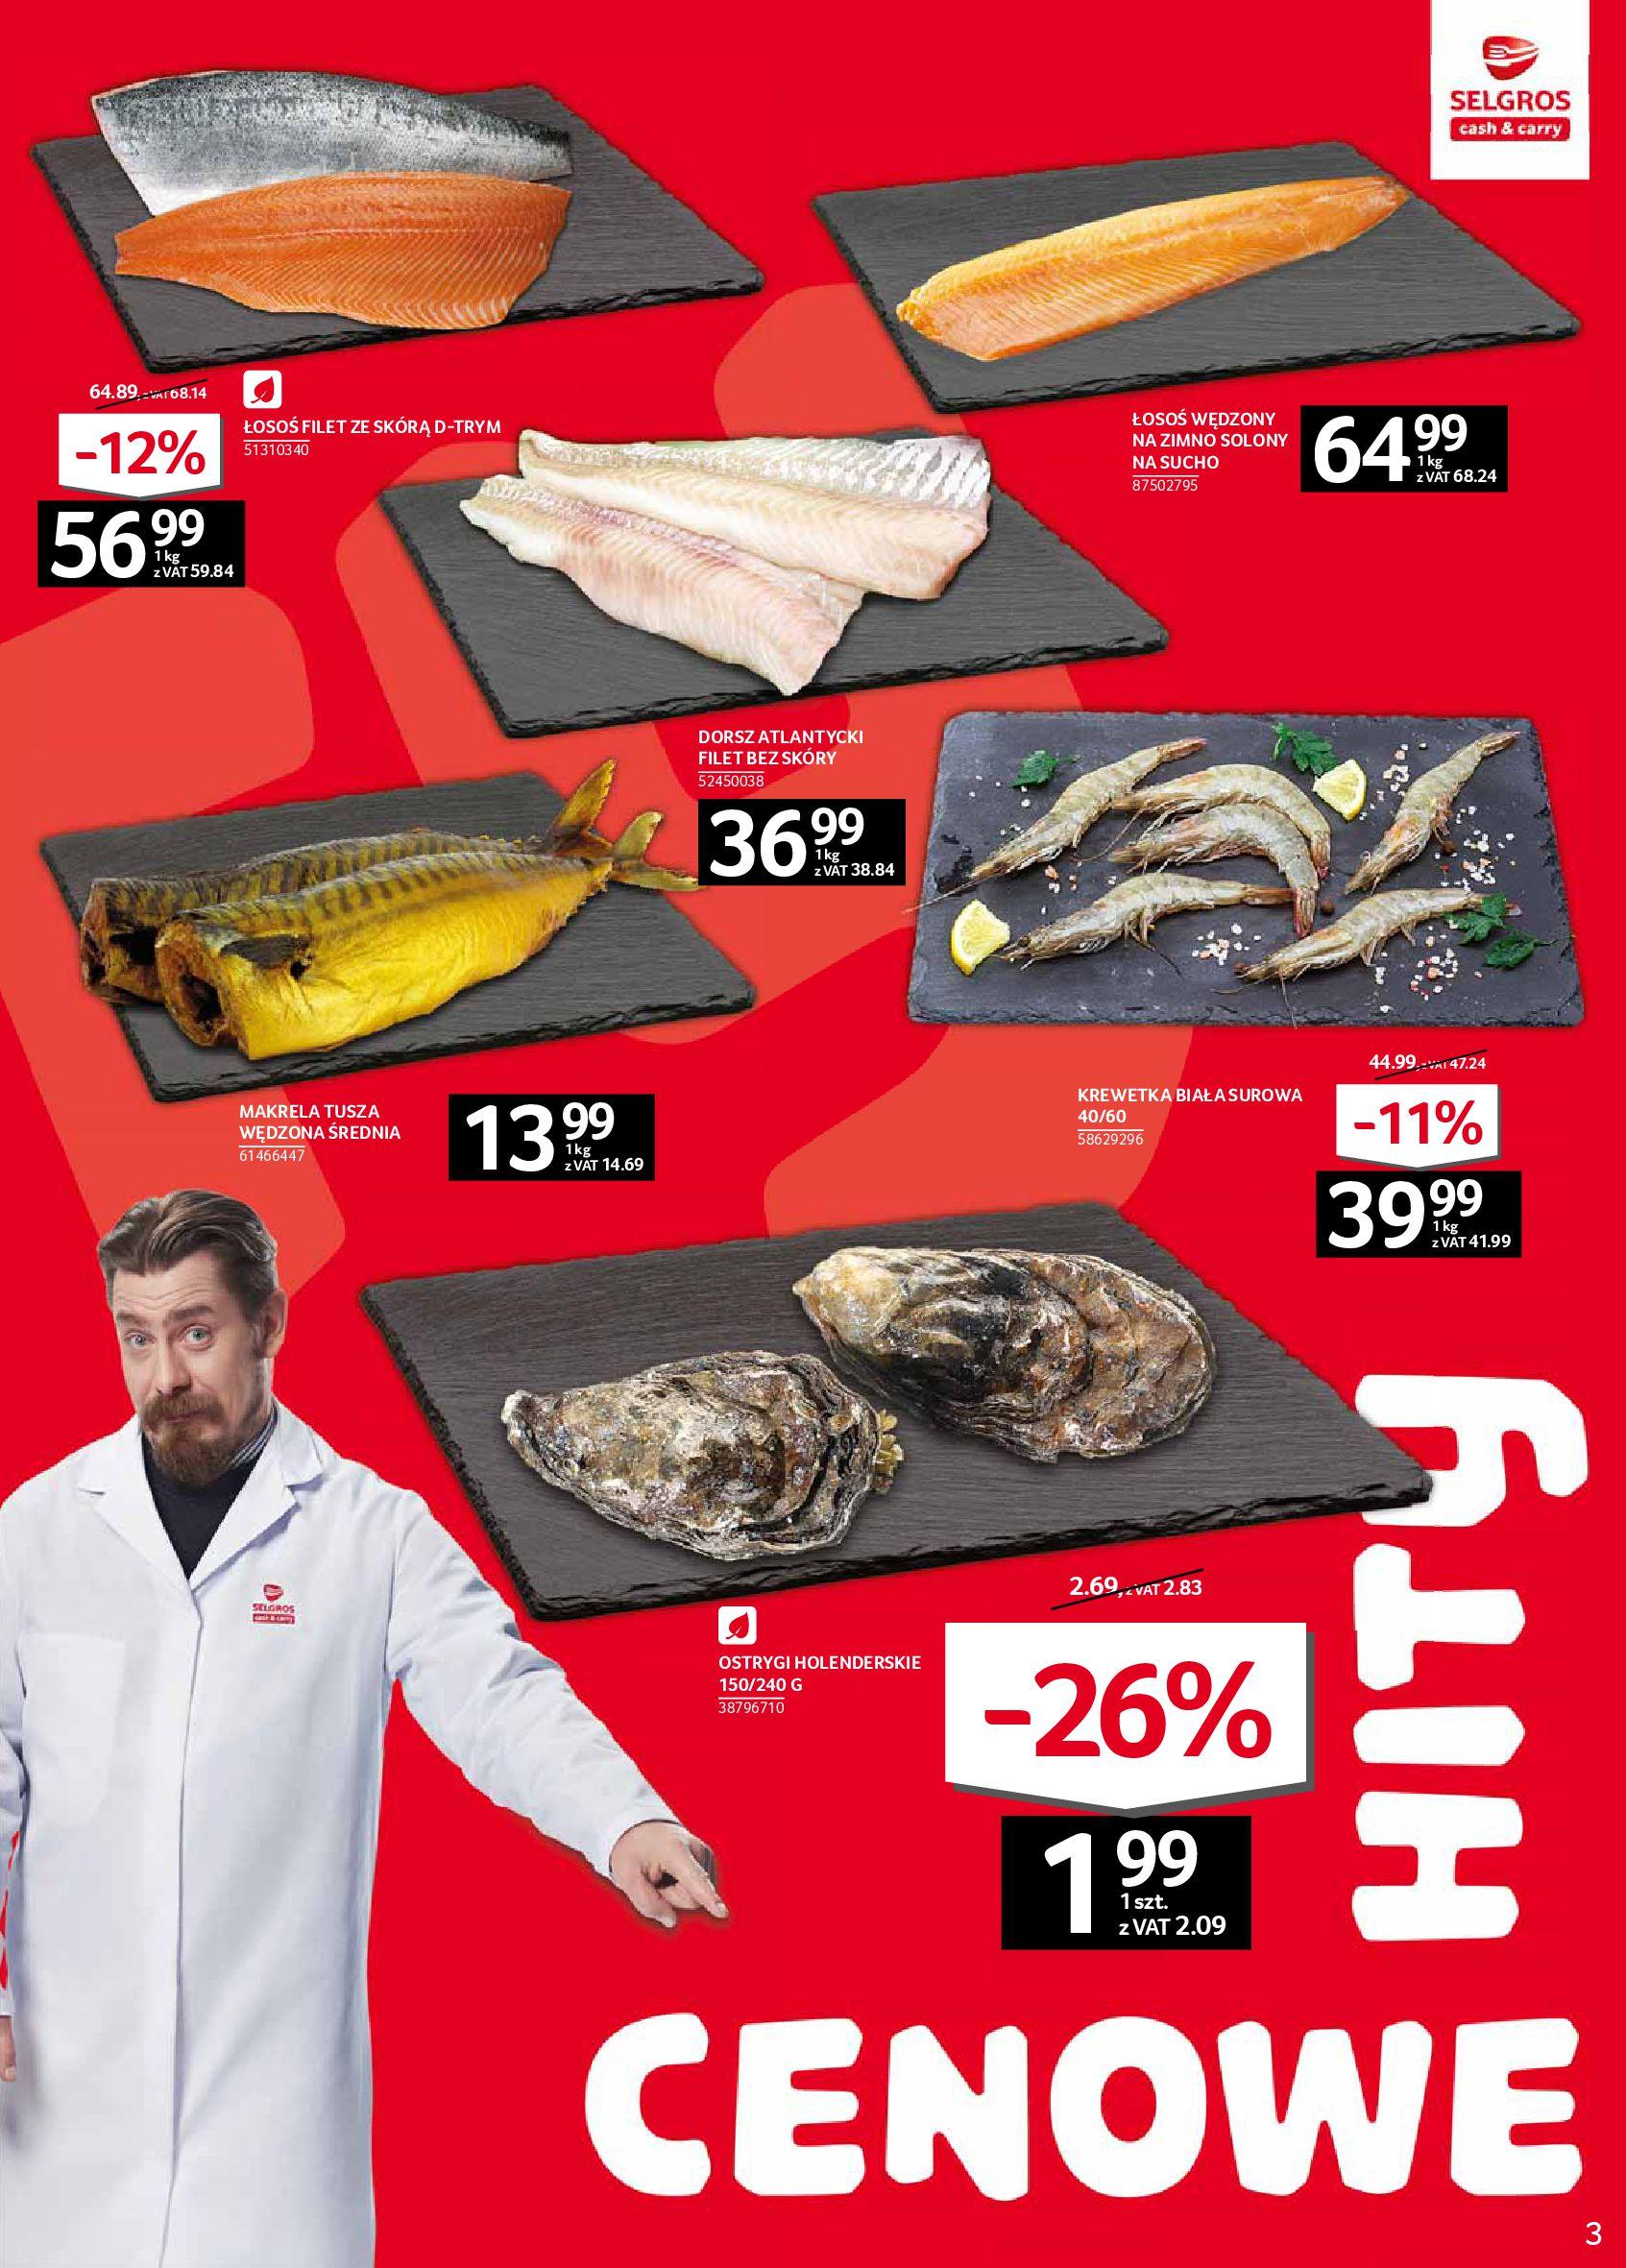 Gazetka Selgros - Oferta spożywcza-05.02.2020-19.02.2020-page-3